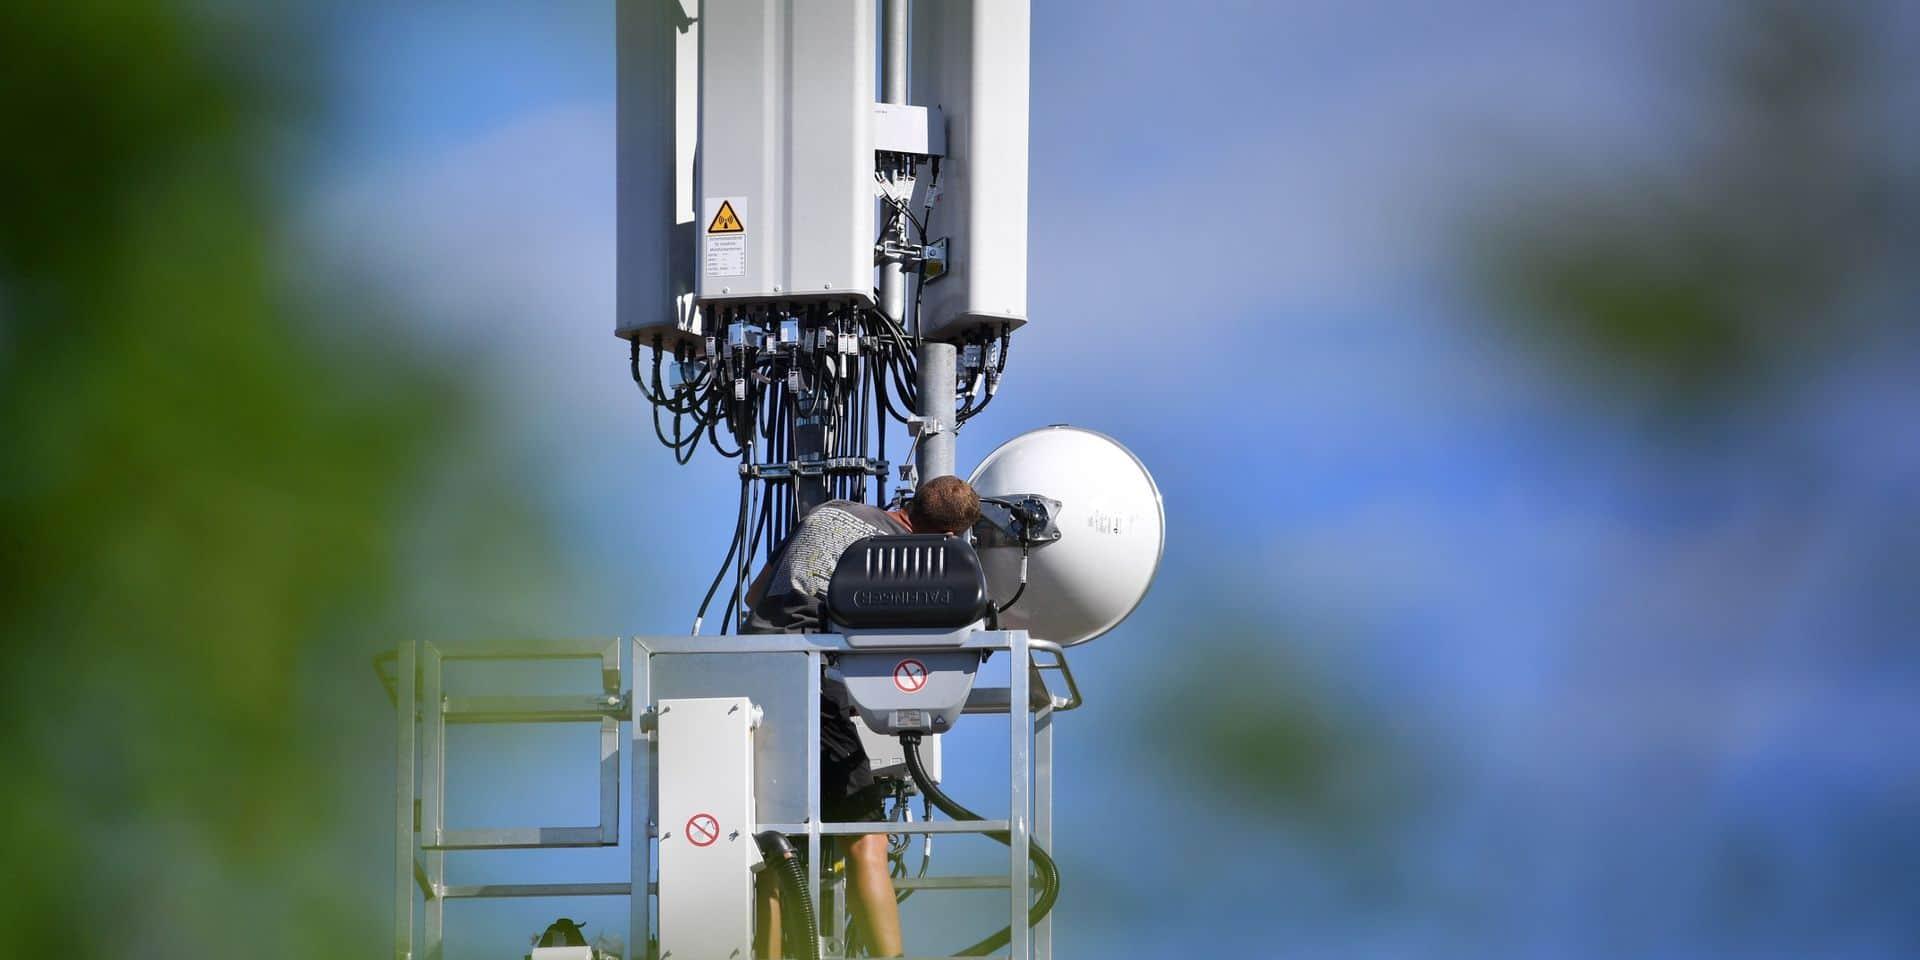 Un groupe d'experts mis en place en Wallonie pour évaluer l'impact de la 5G